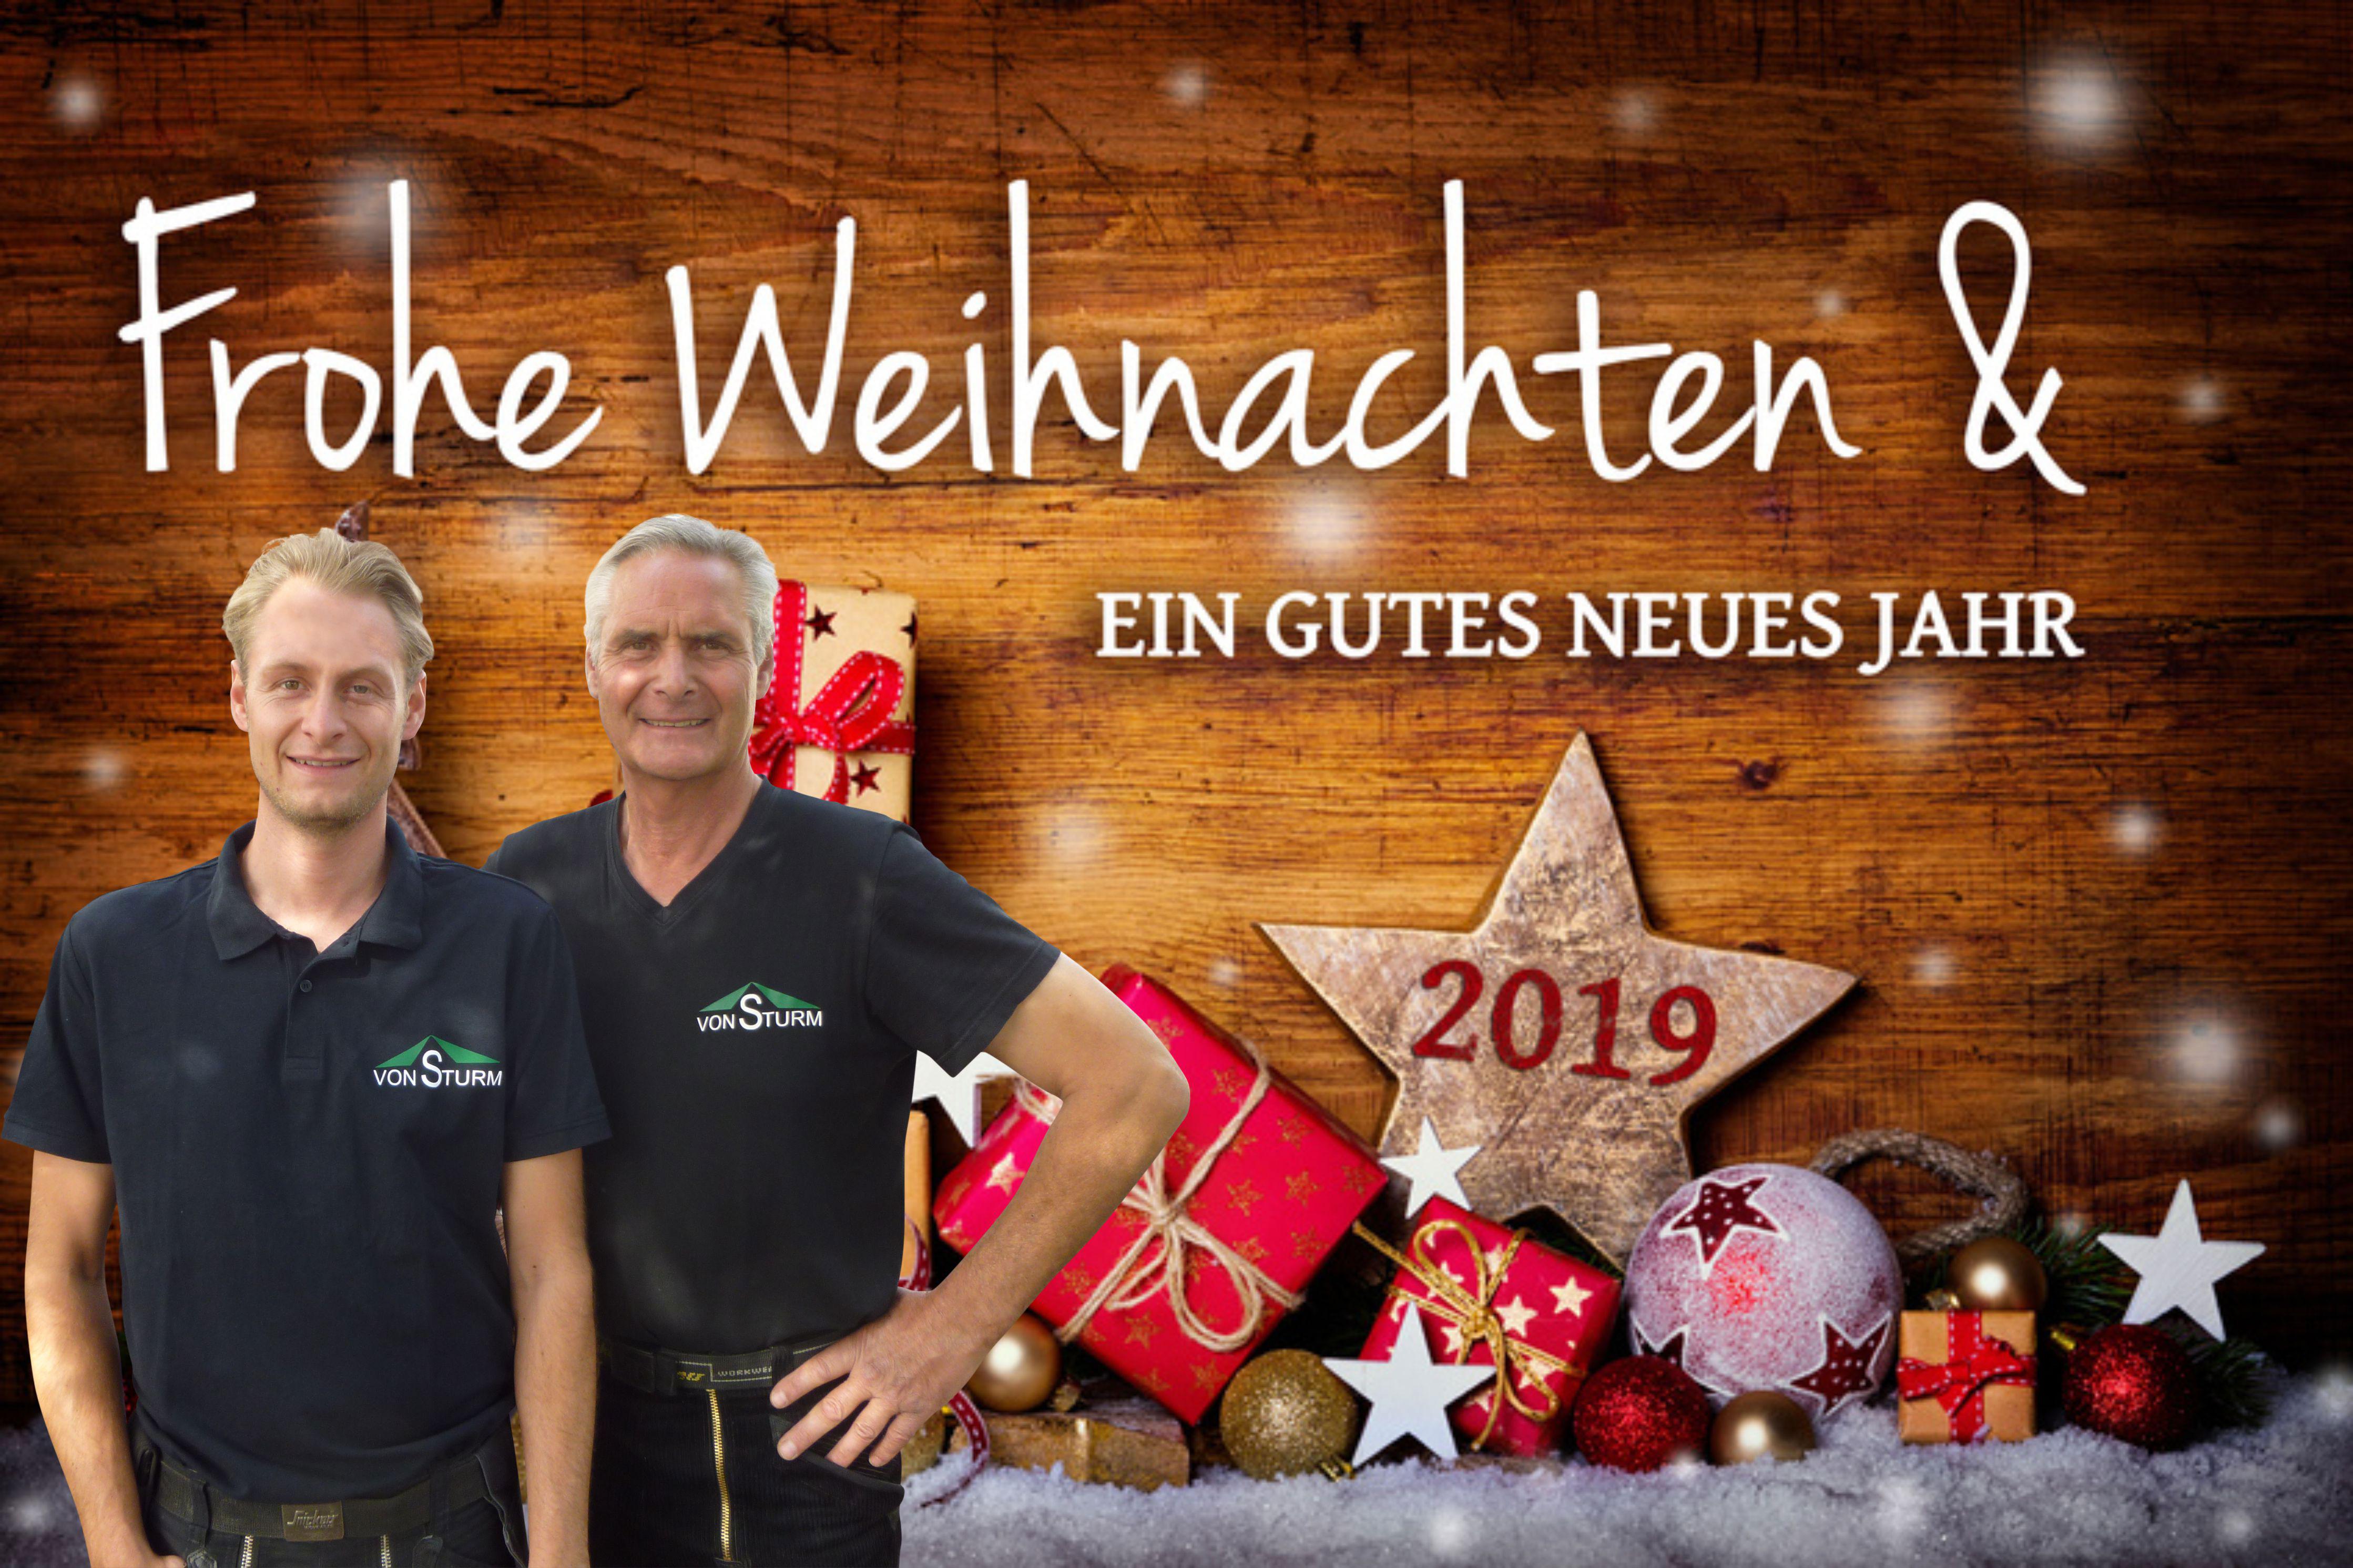 Weihnachtsgrüße Firma.Weihnachtsgrüße Dachdecker Firma Von Sturm Rheinbachdachdecker